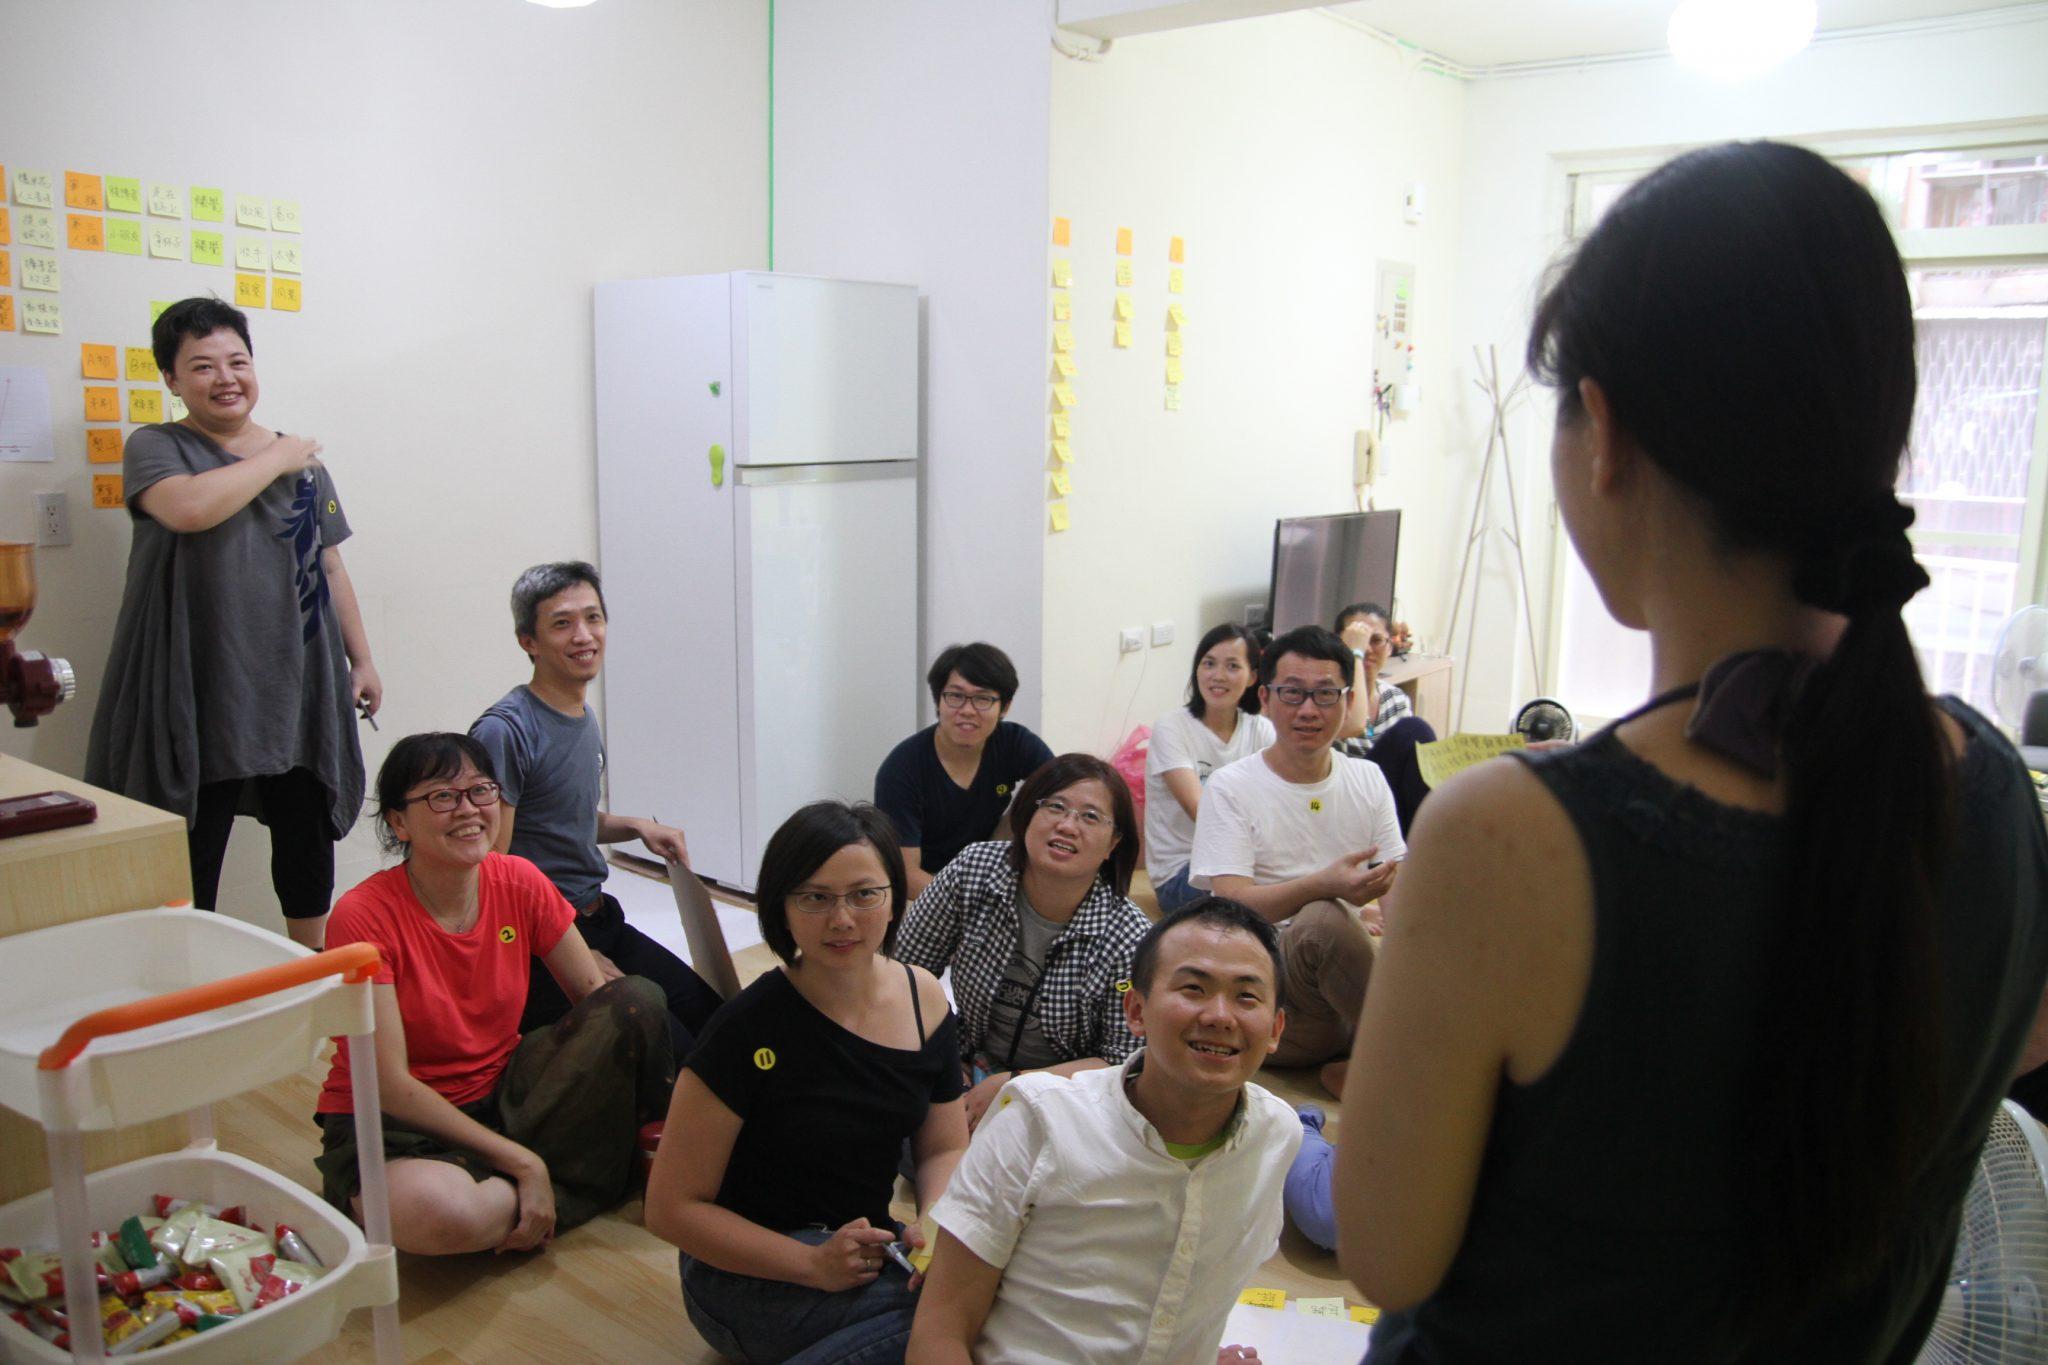 工作坊學員們滿臉笑容地看著講師